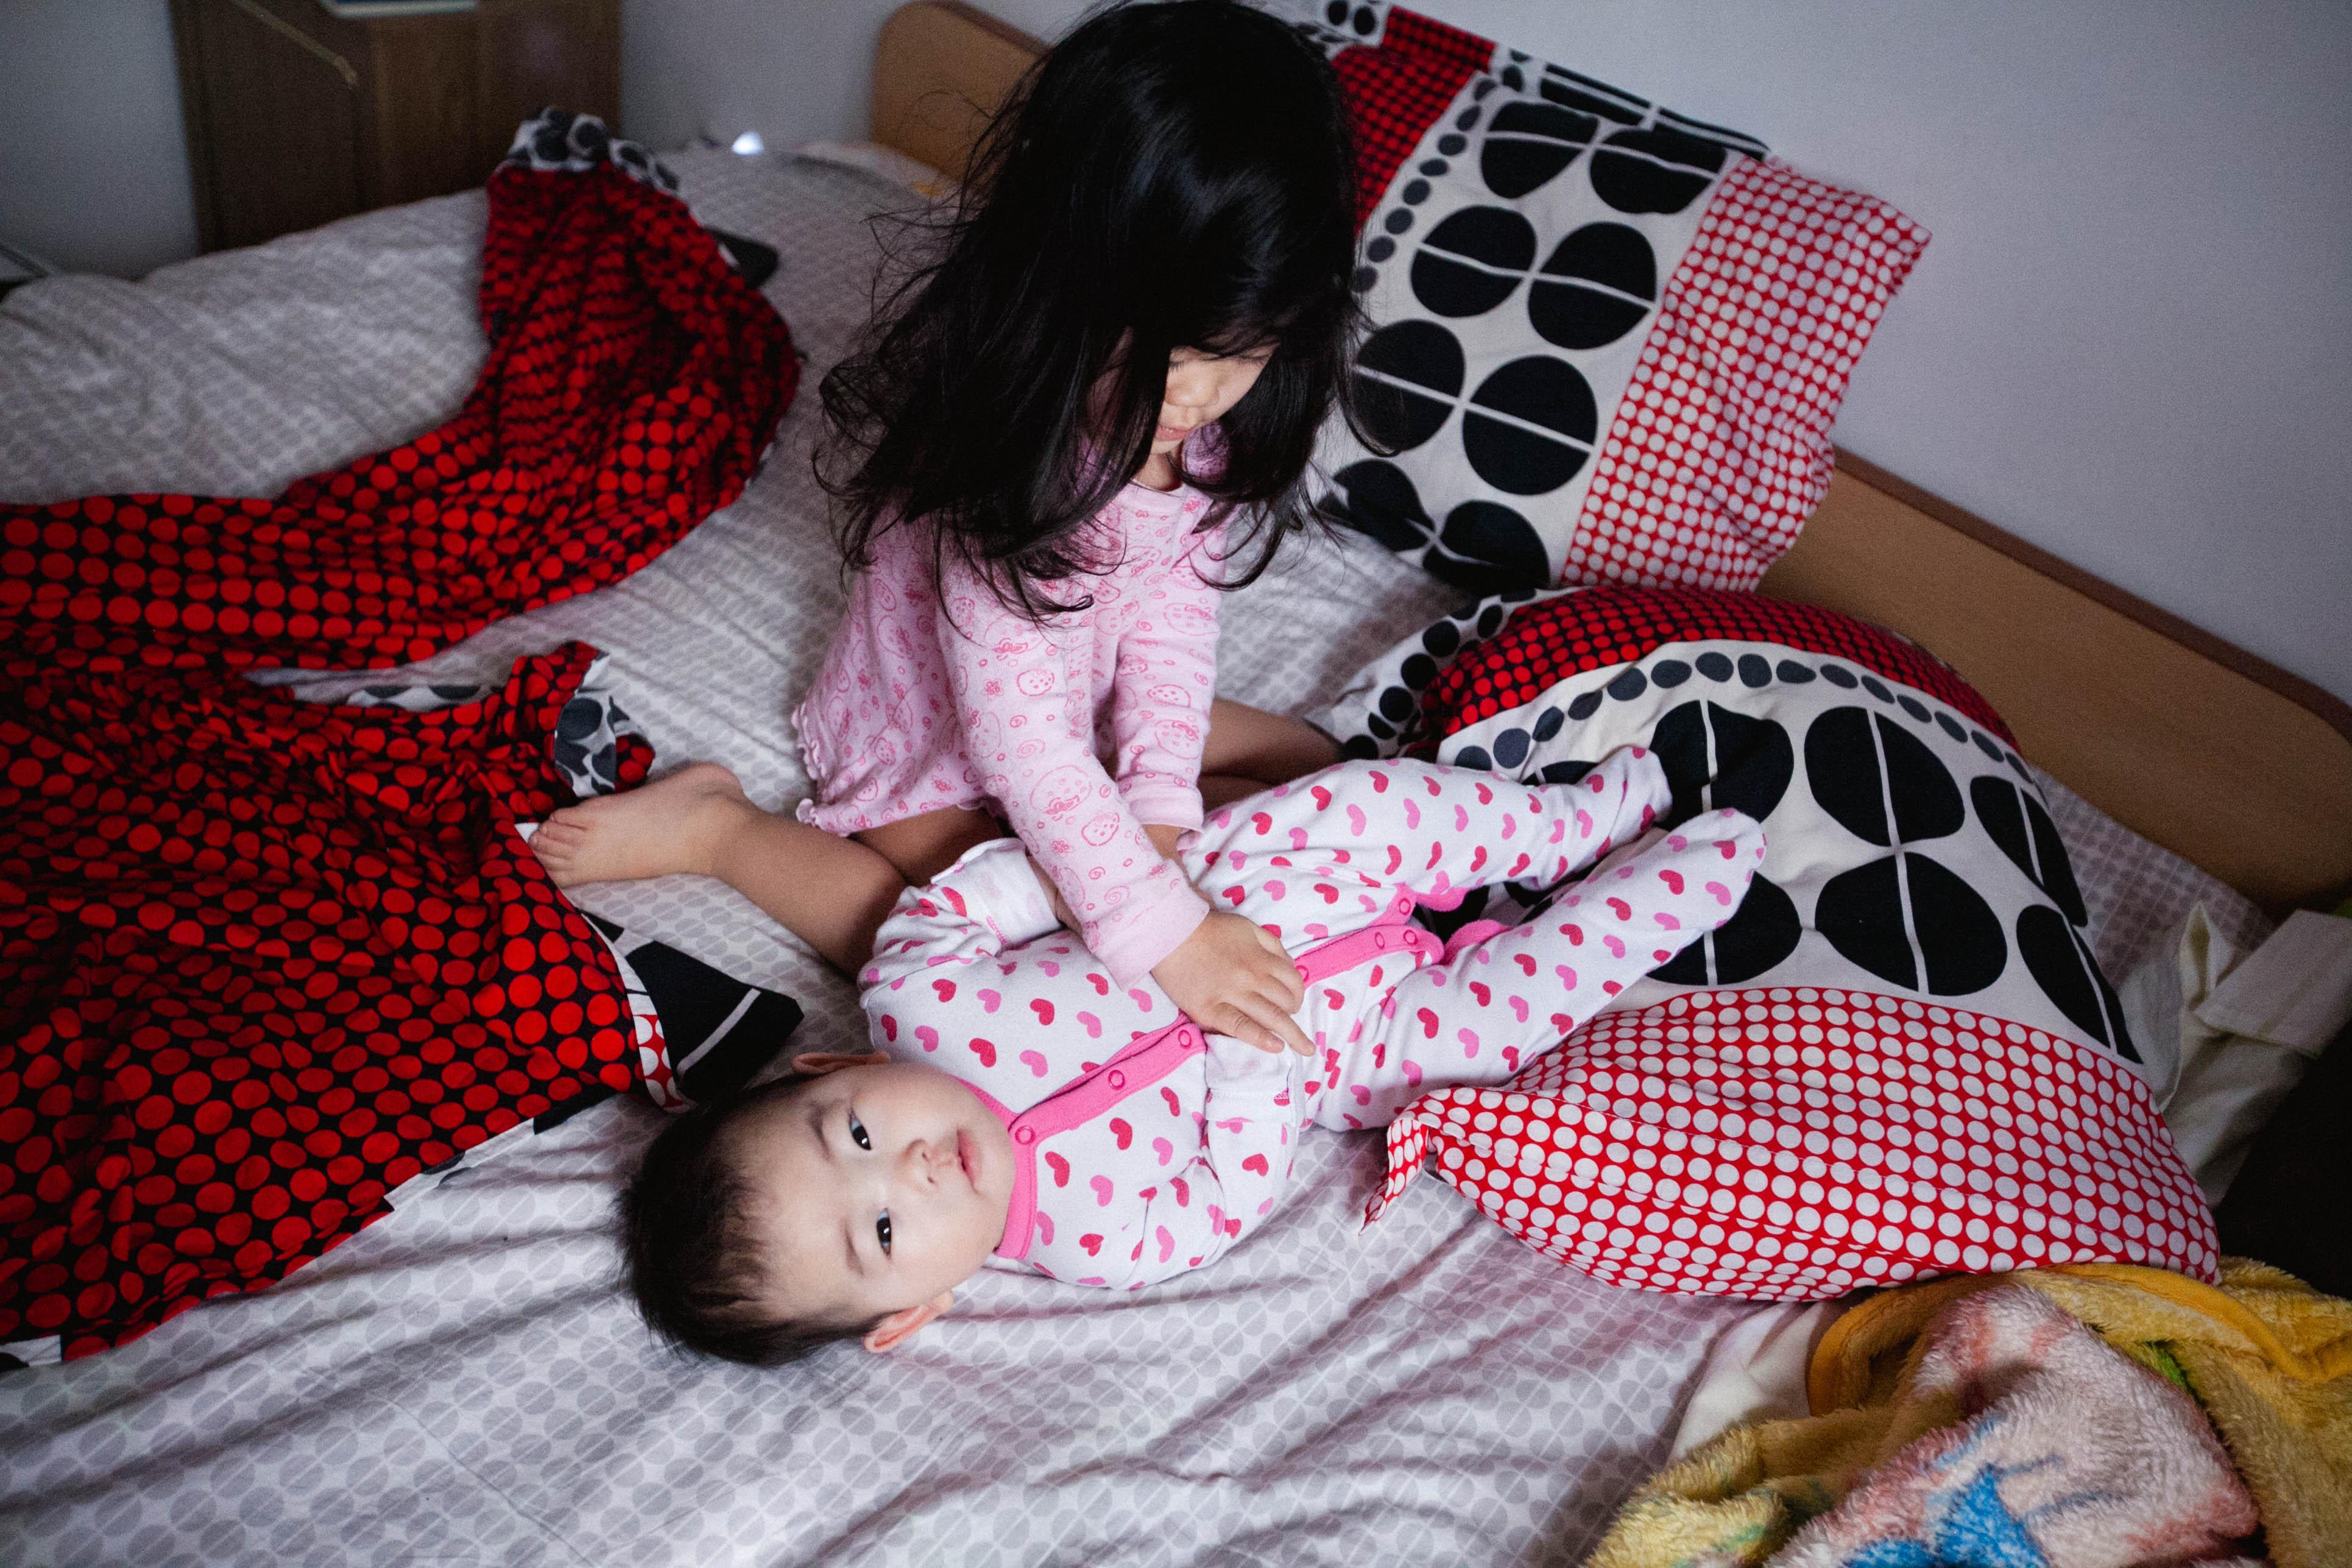 Сестра моет младшего братика смотреть 6 фотография